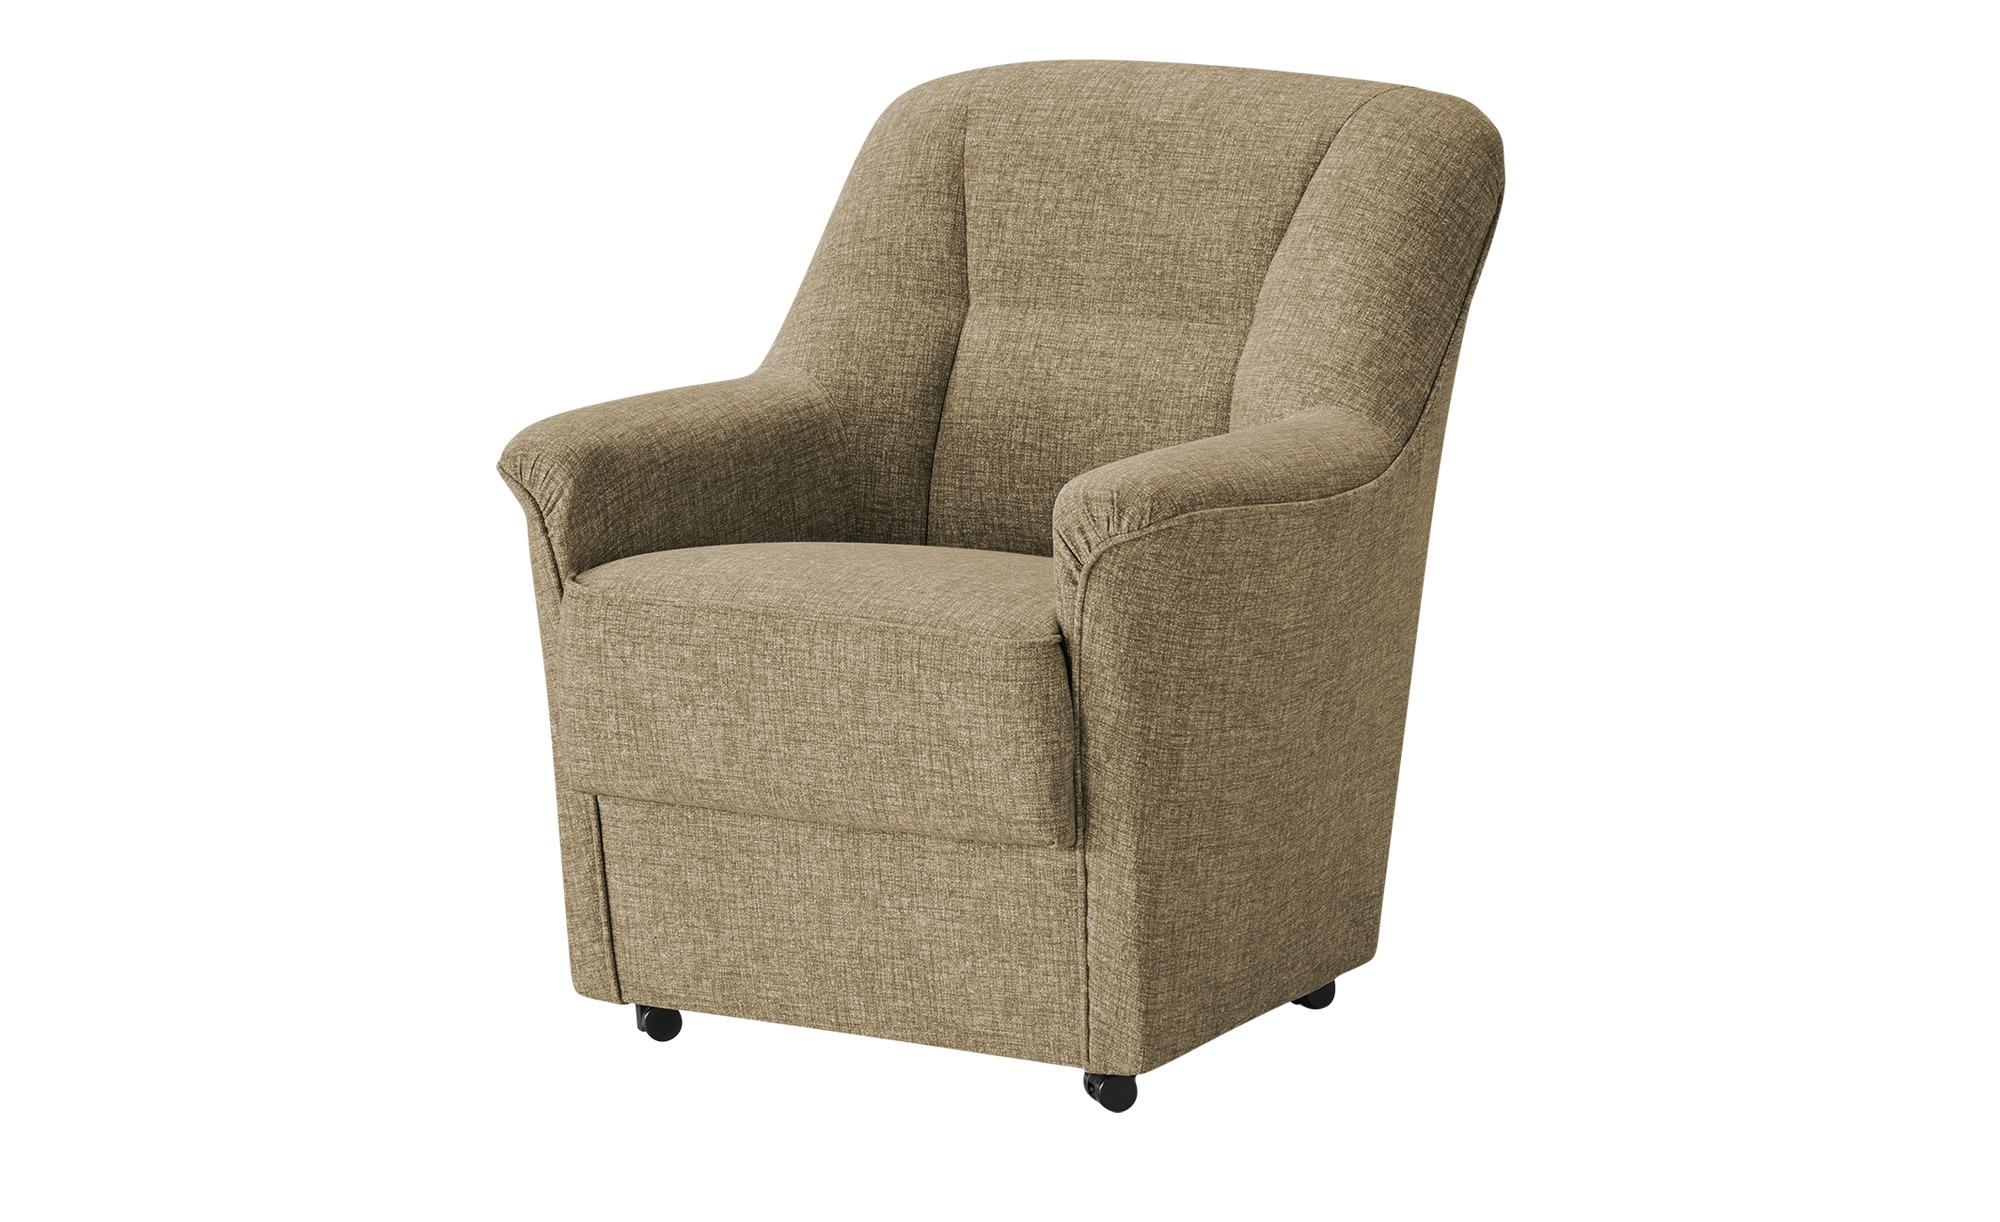 Sessel  Werra ¦ beige Polstermöbel > Sessel > Polstersessel - Höffner günstig online kaufen